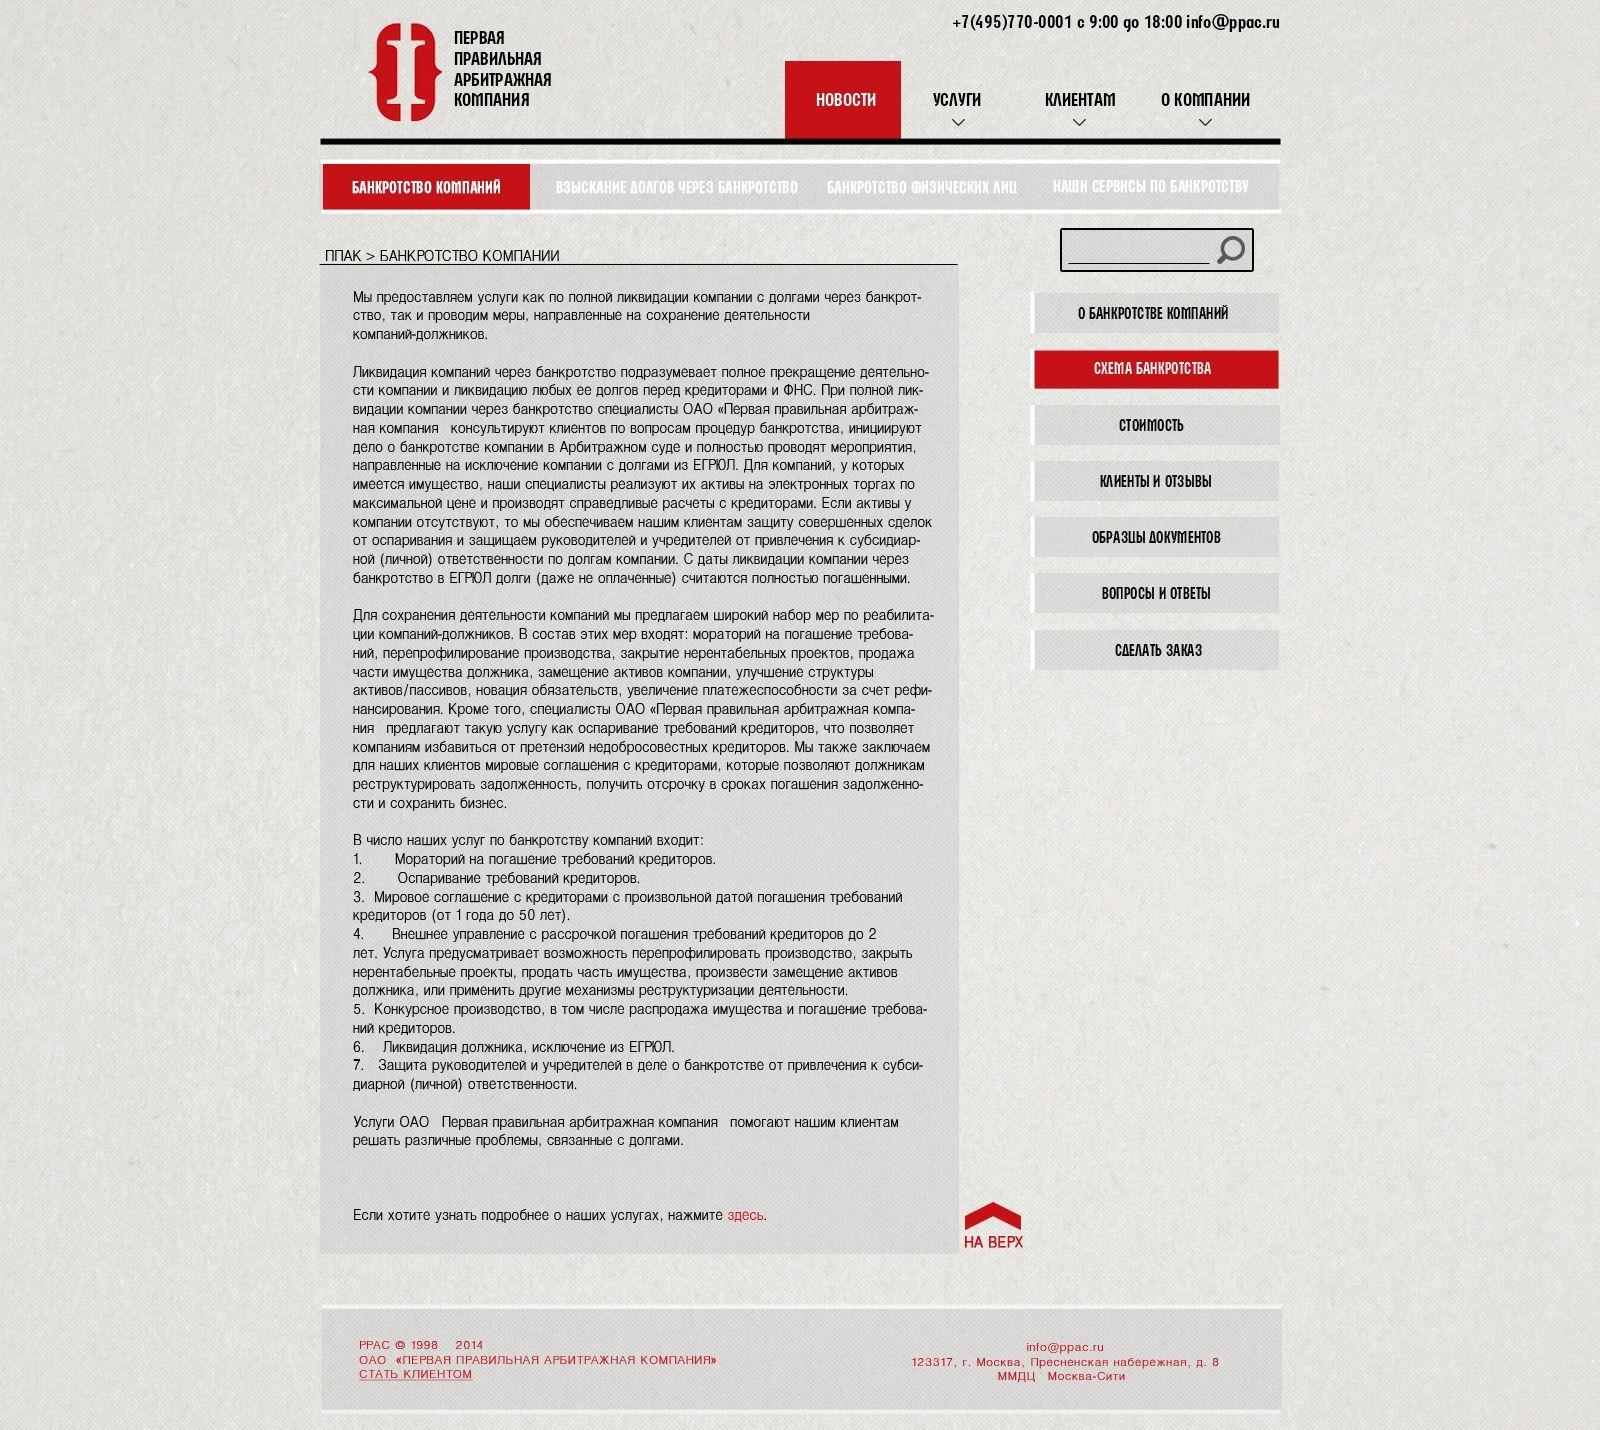 Дизайн главной страницы и типографика, Банкротство - дизайнер asiaslon